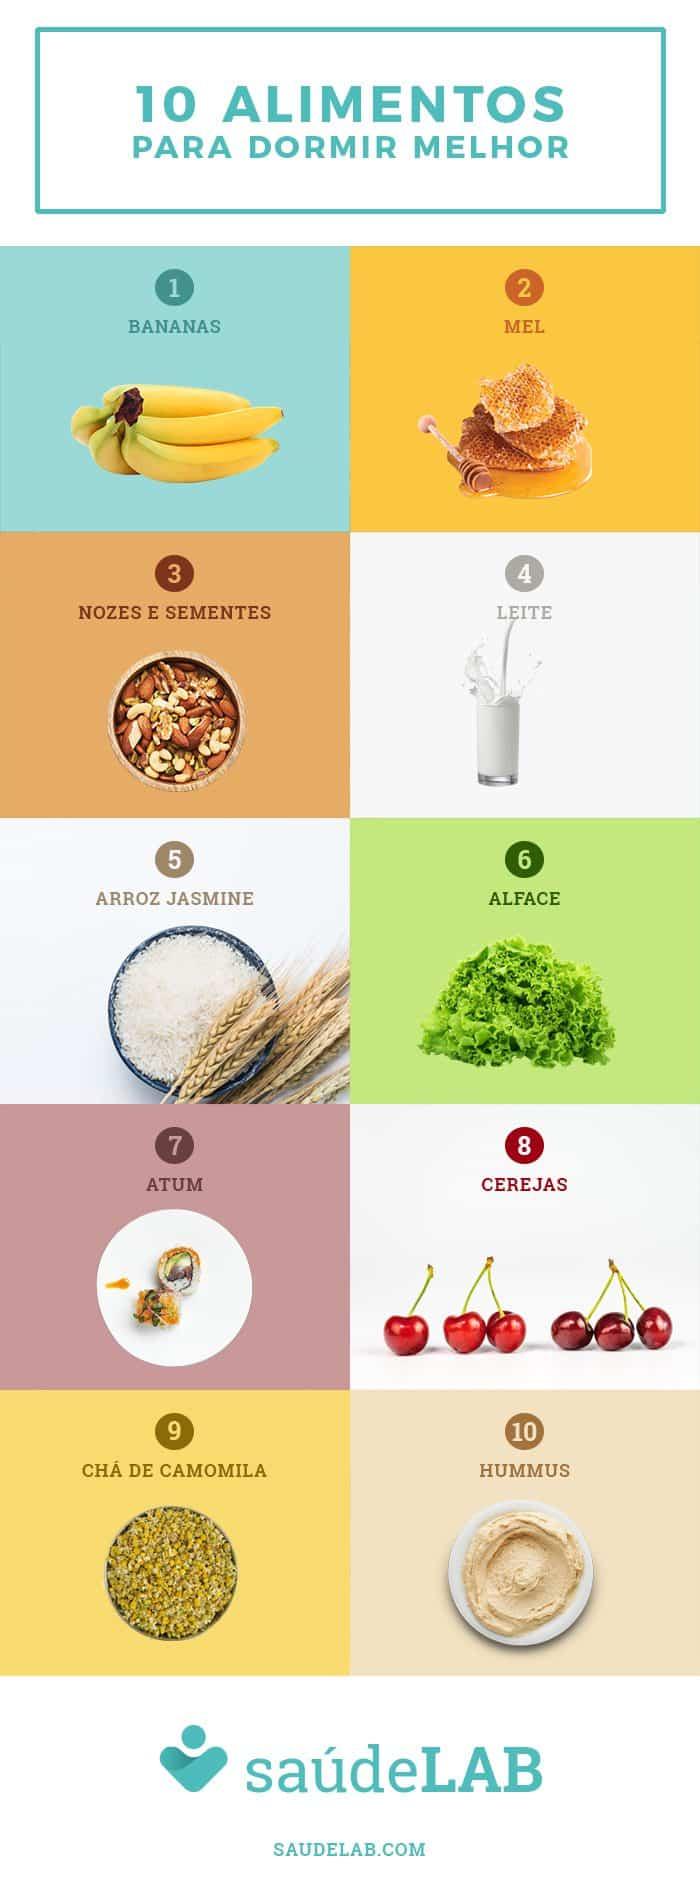 INFOGRAFIA 10 alimentos dormir melhor